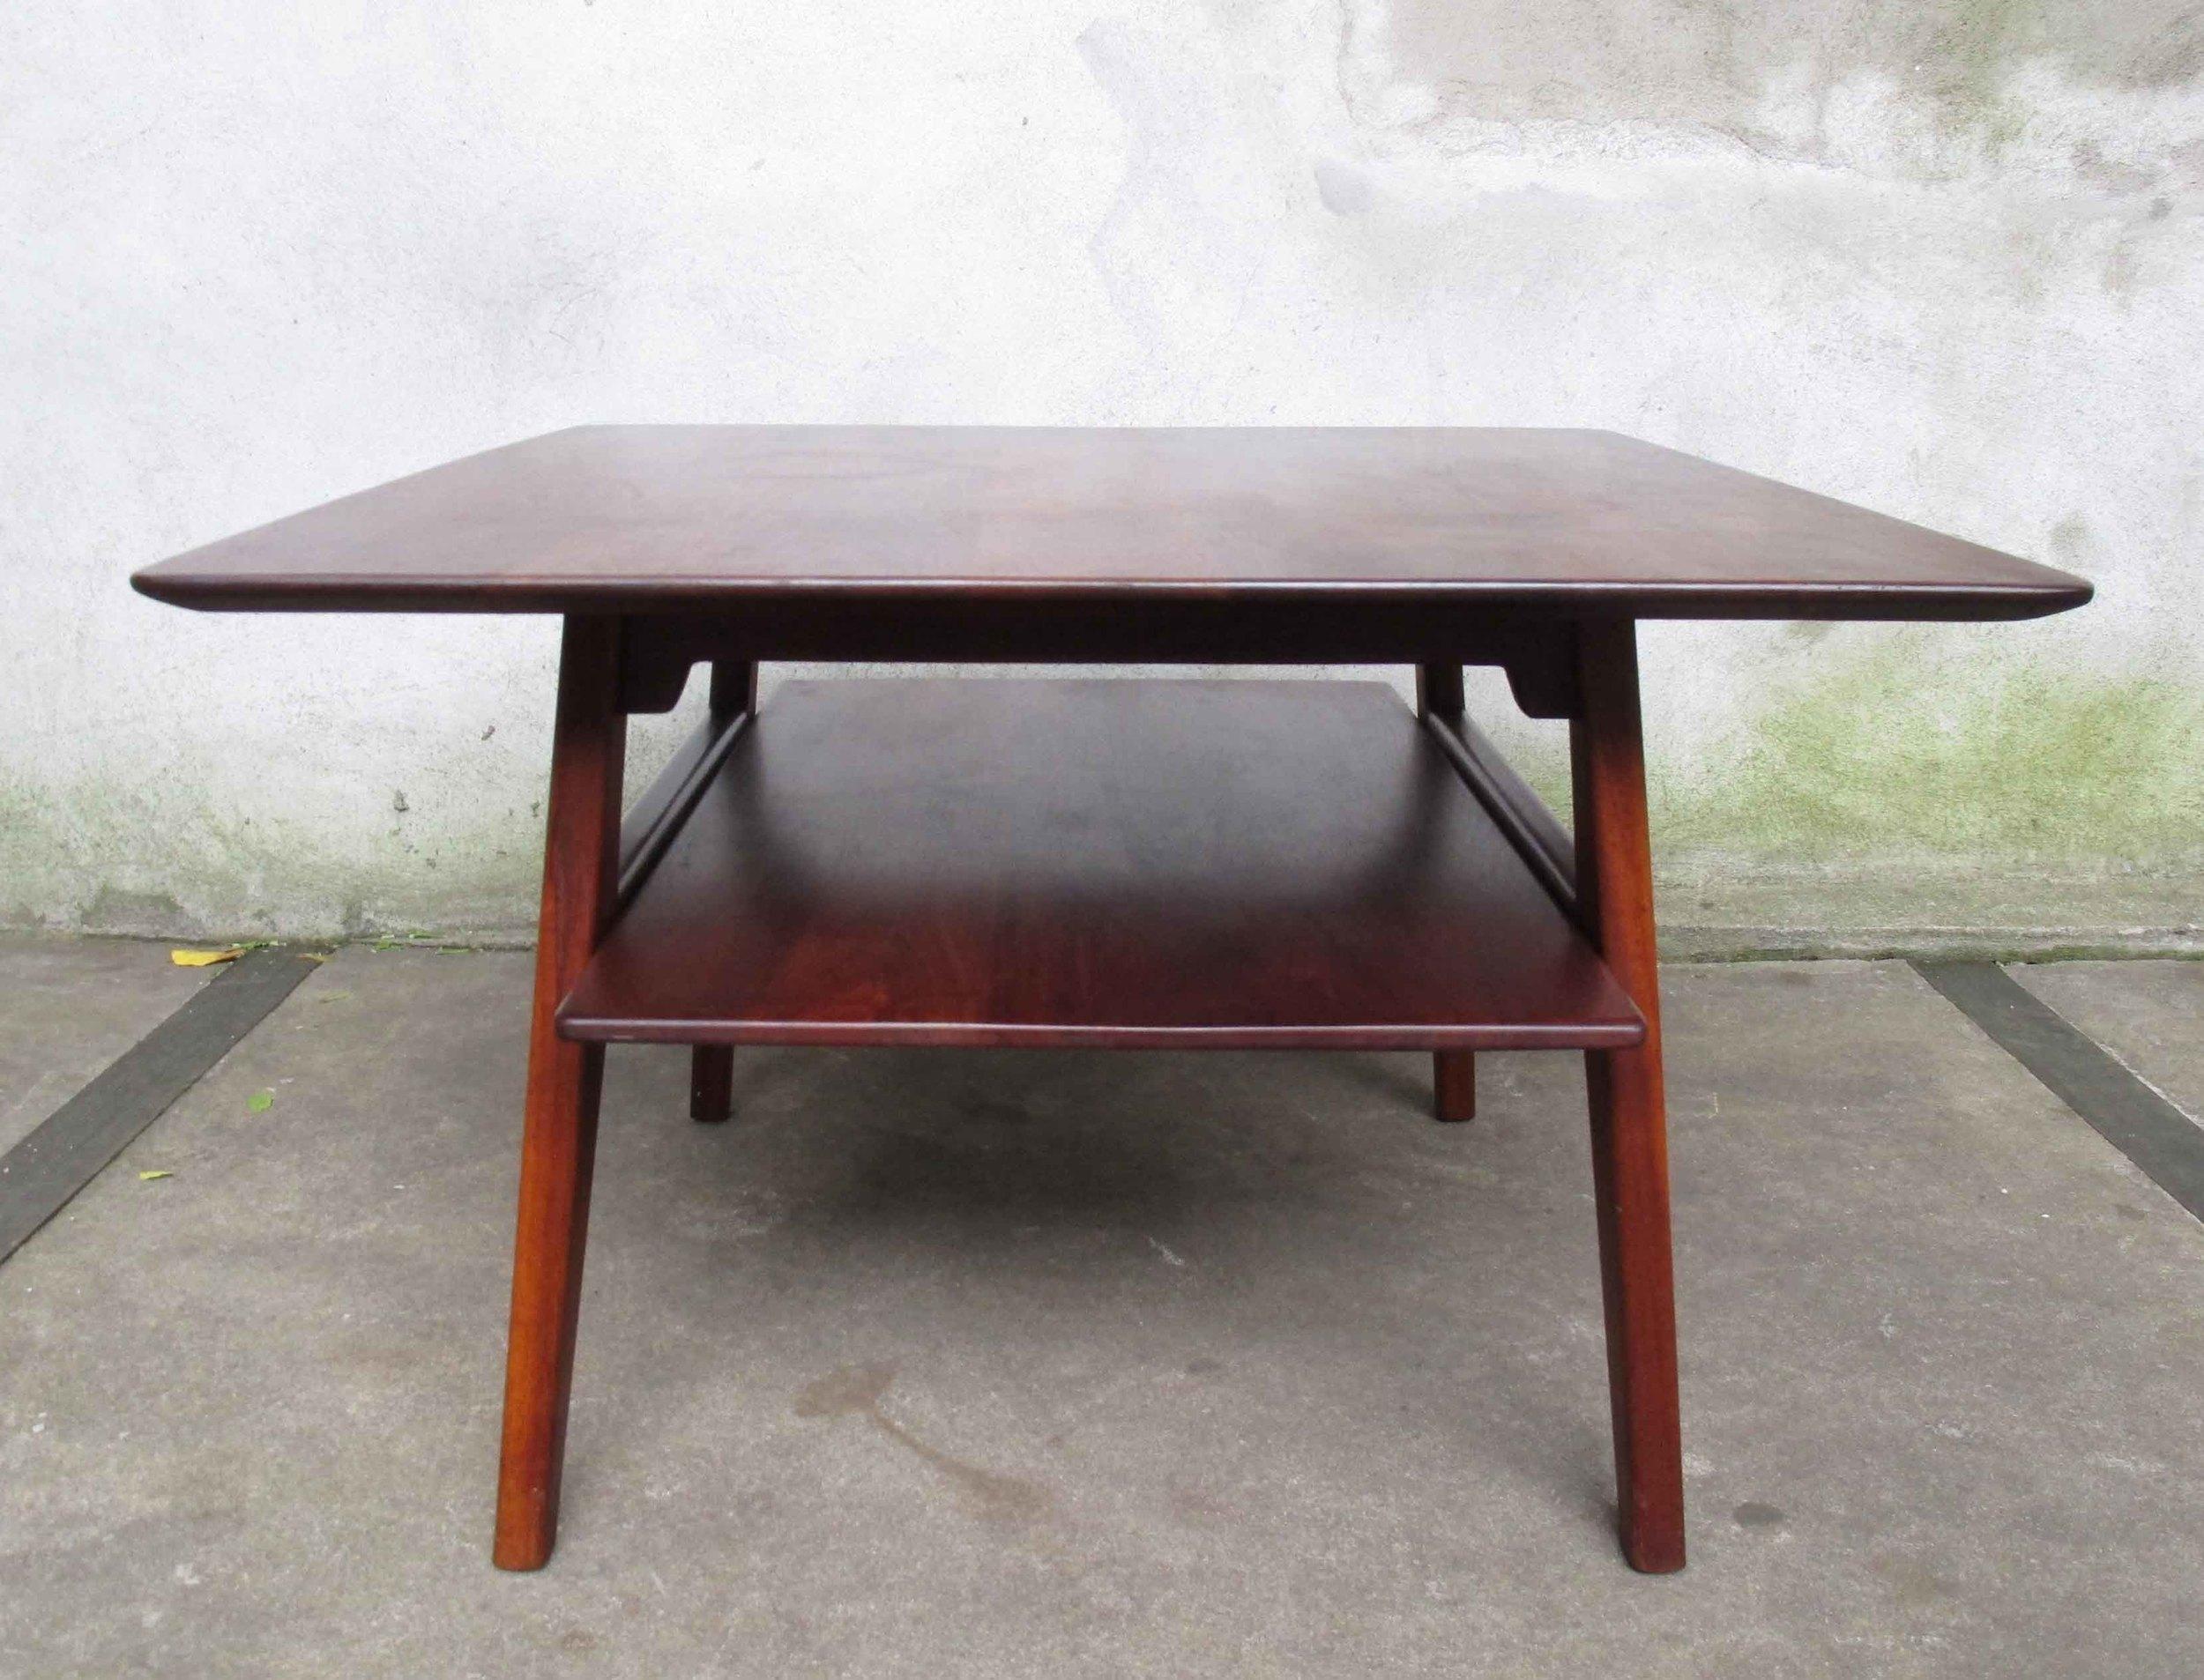 MID CENTURY TWO-TIER WALNUT SIDE TABLE BY JENS RISOM